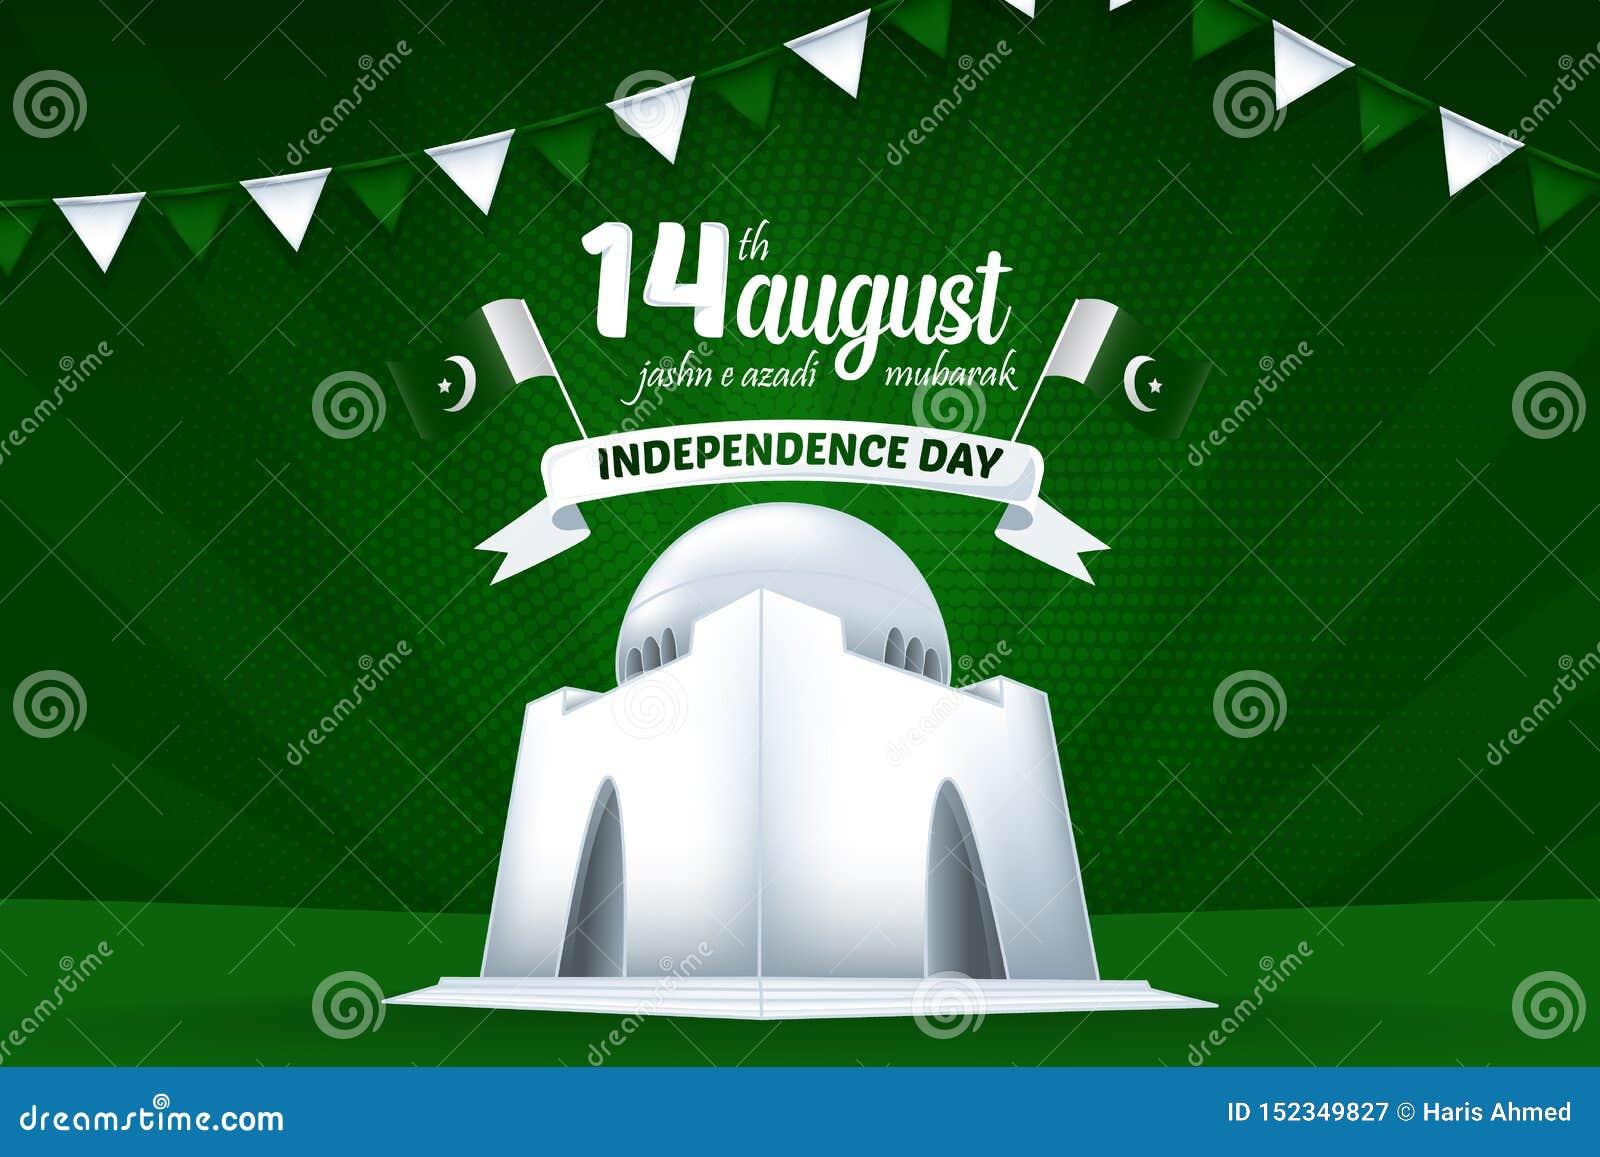 14 Αυγούστου διανυσματική απεικόνιση υποβάθρου ημέρας της ανεξαρτησίας του Μουμπάρακ Πακιστάν